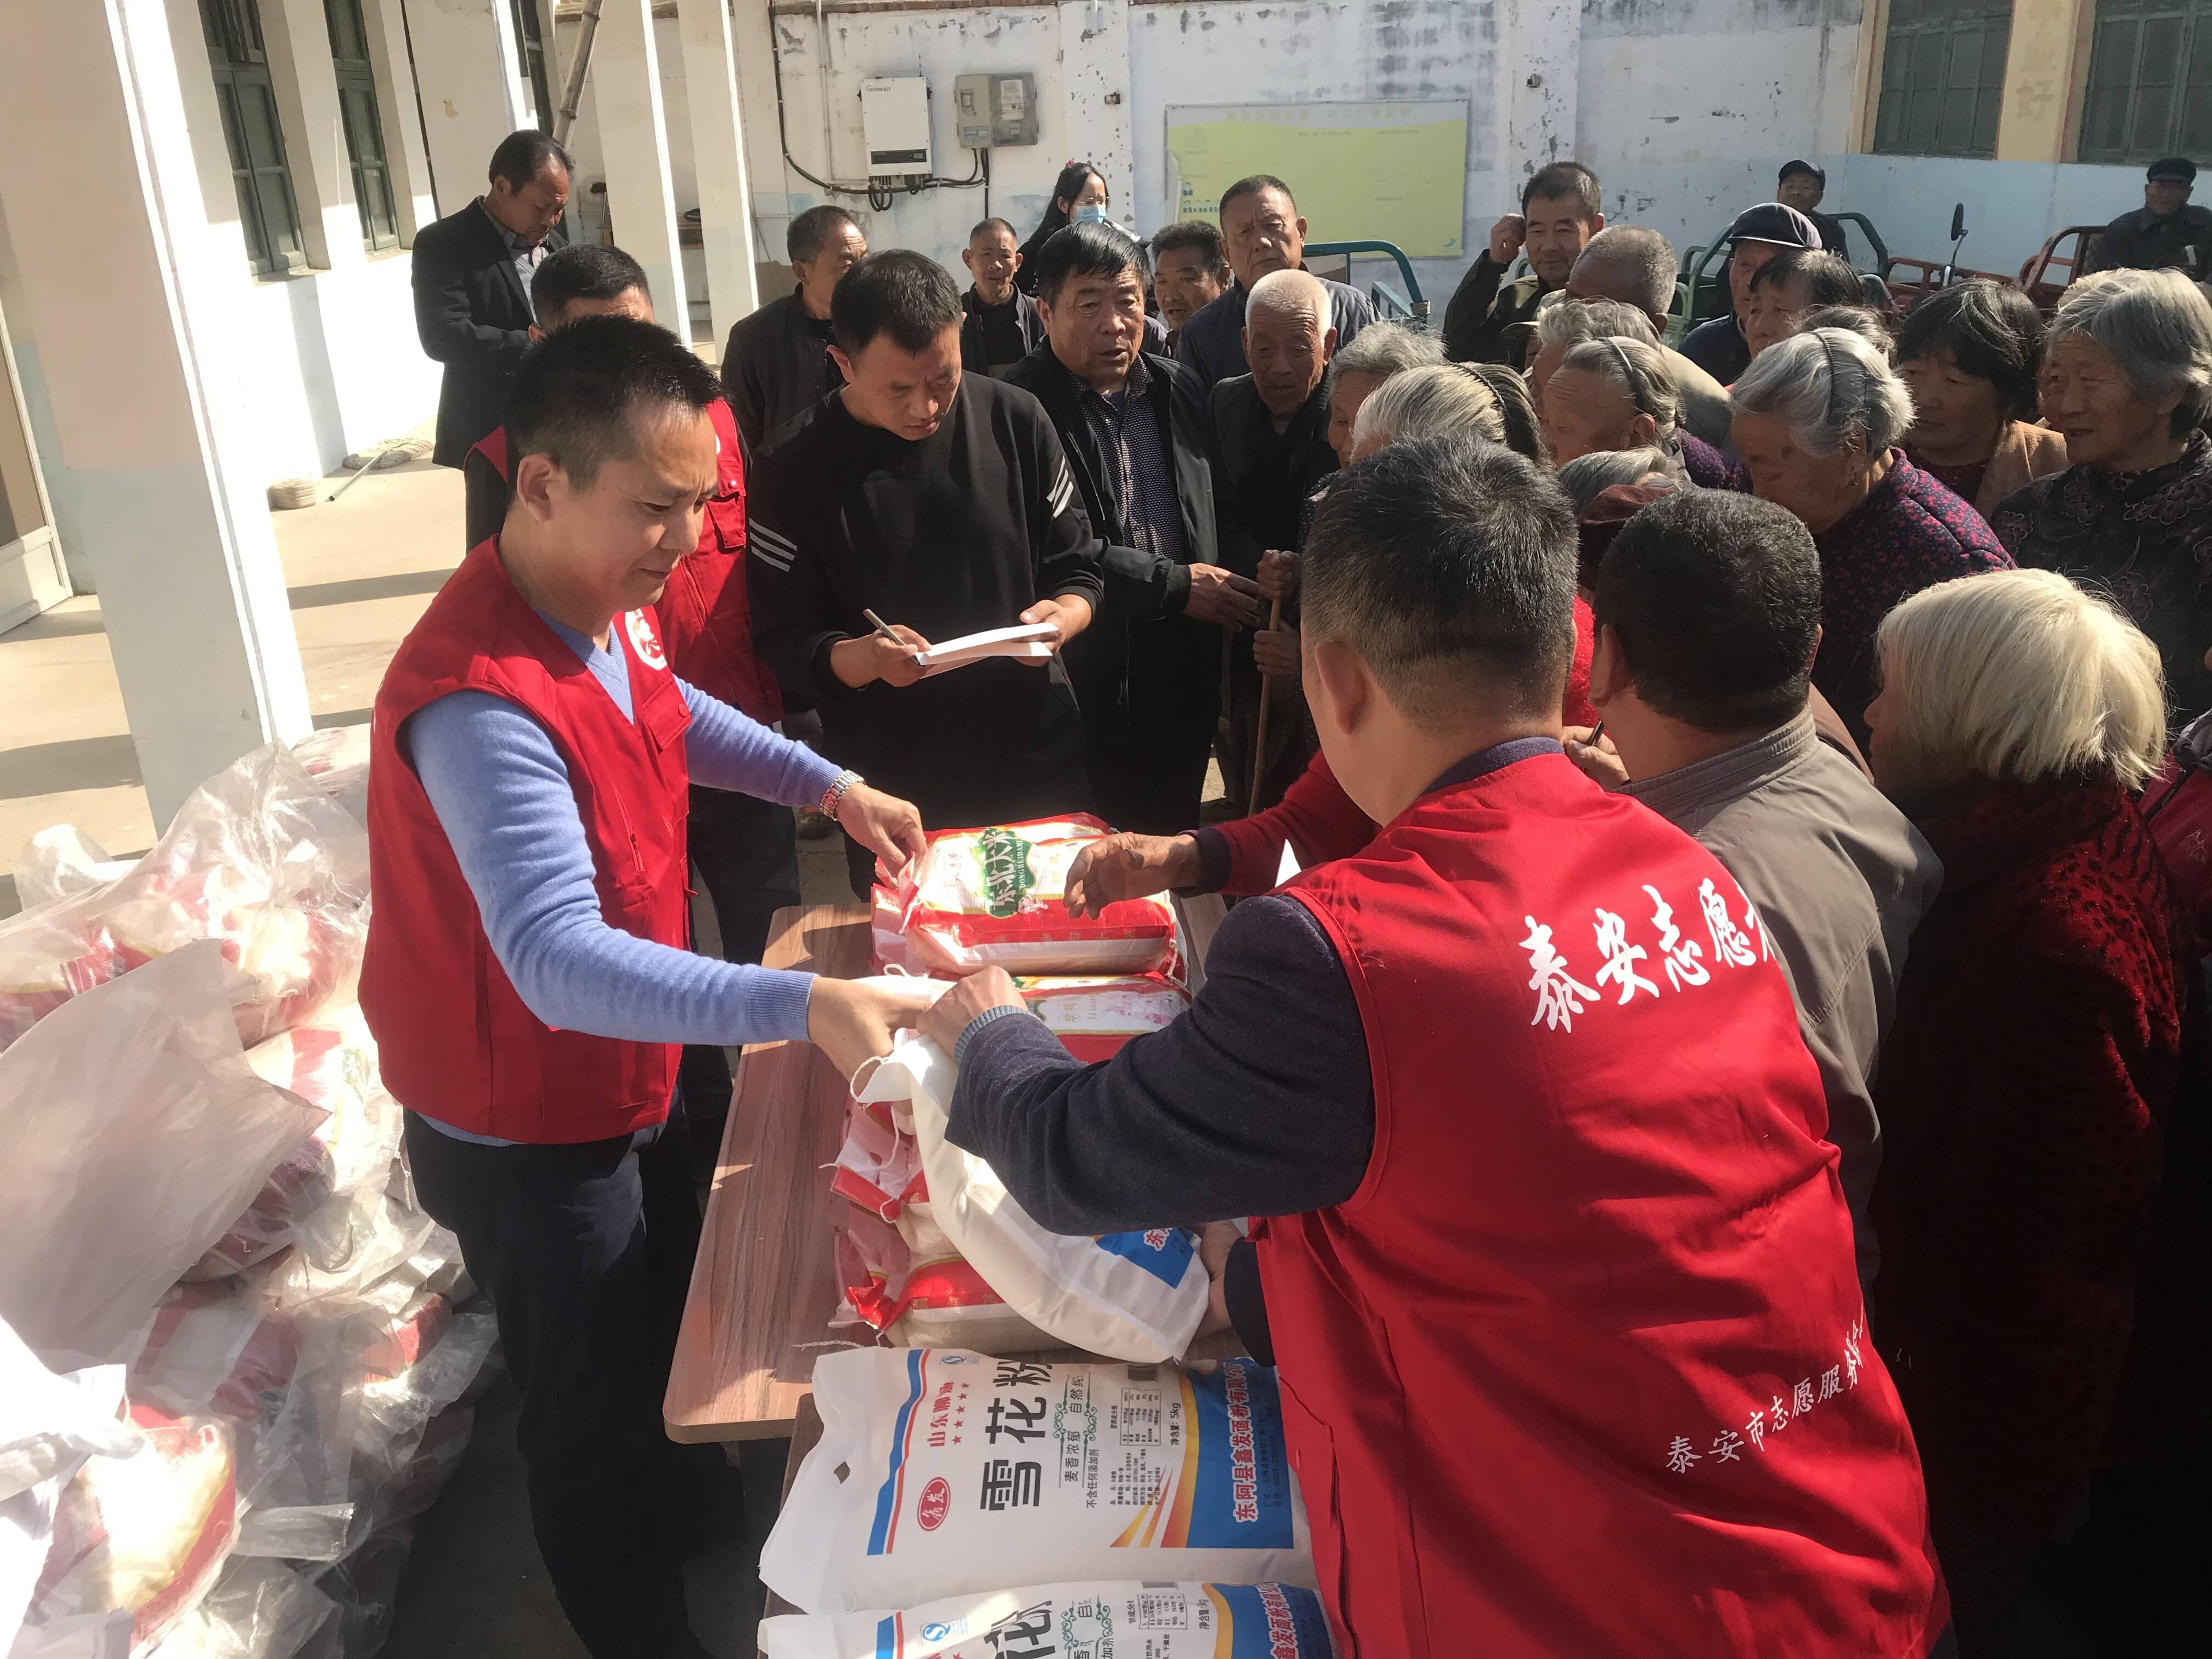 九九重阳节,浓浓敬老情,泰安志愿者为41位寿星献爱心